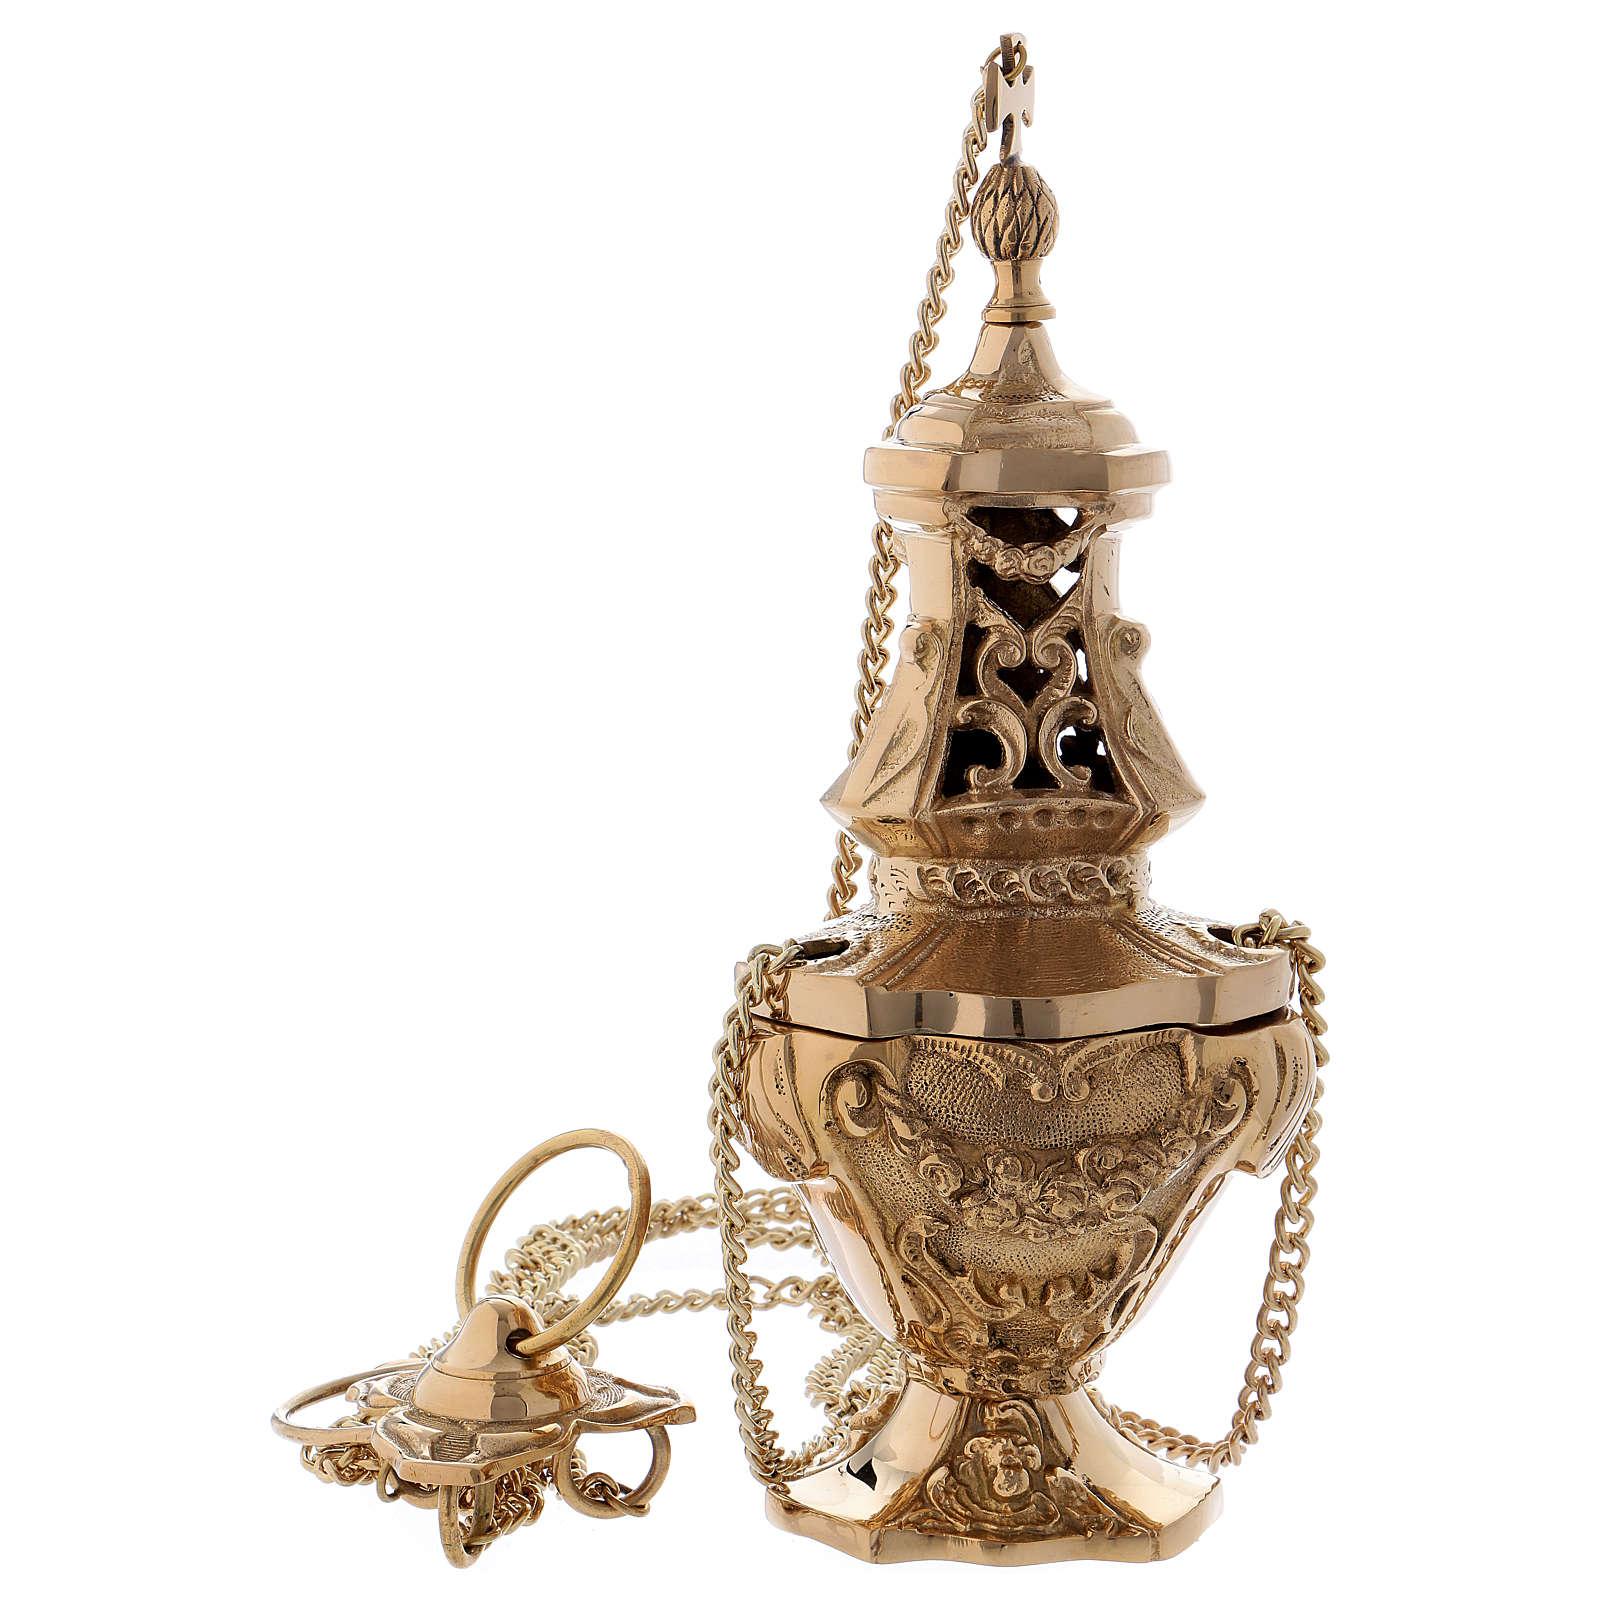 Turibolo stile barocco ottone dorato 32 cm 3